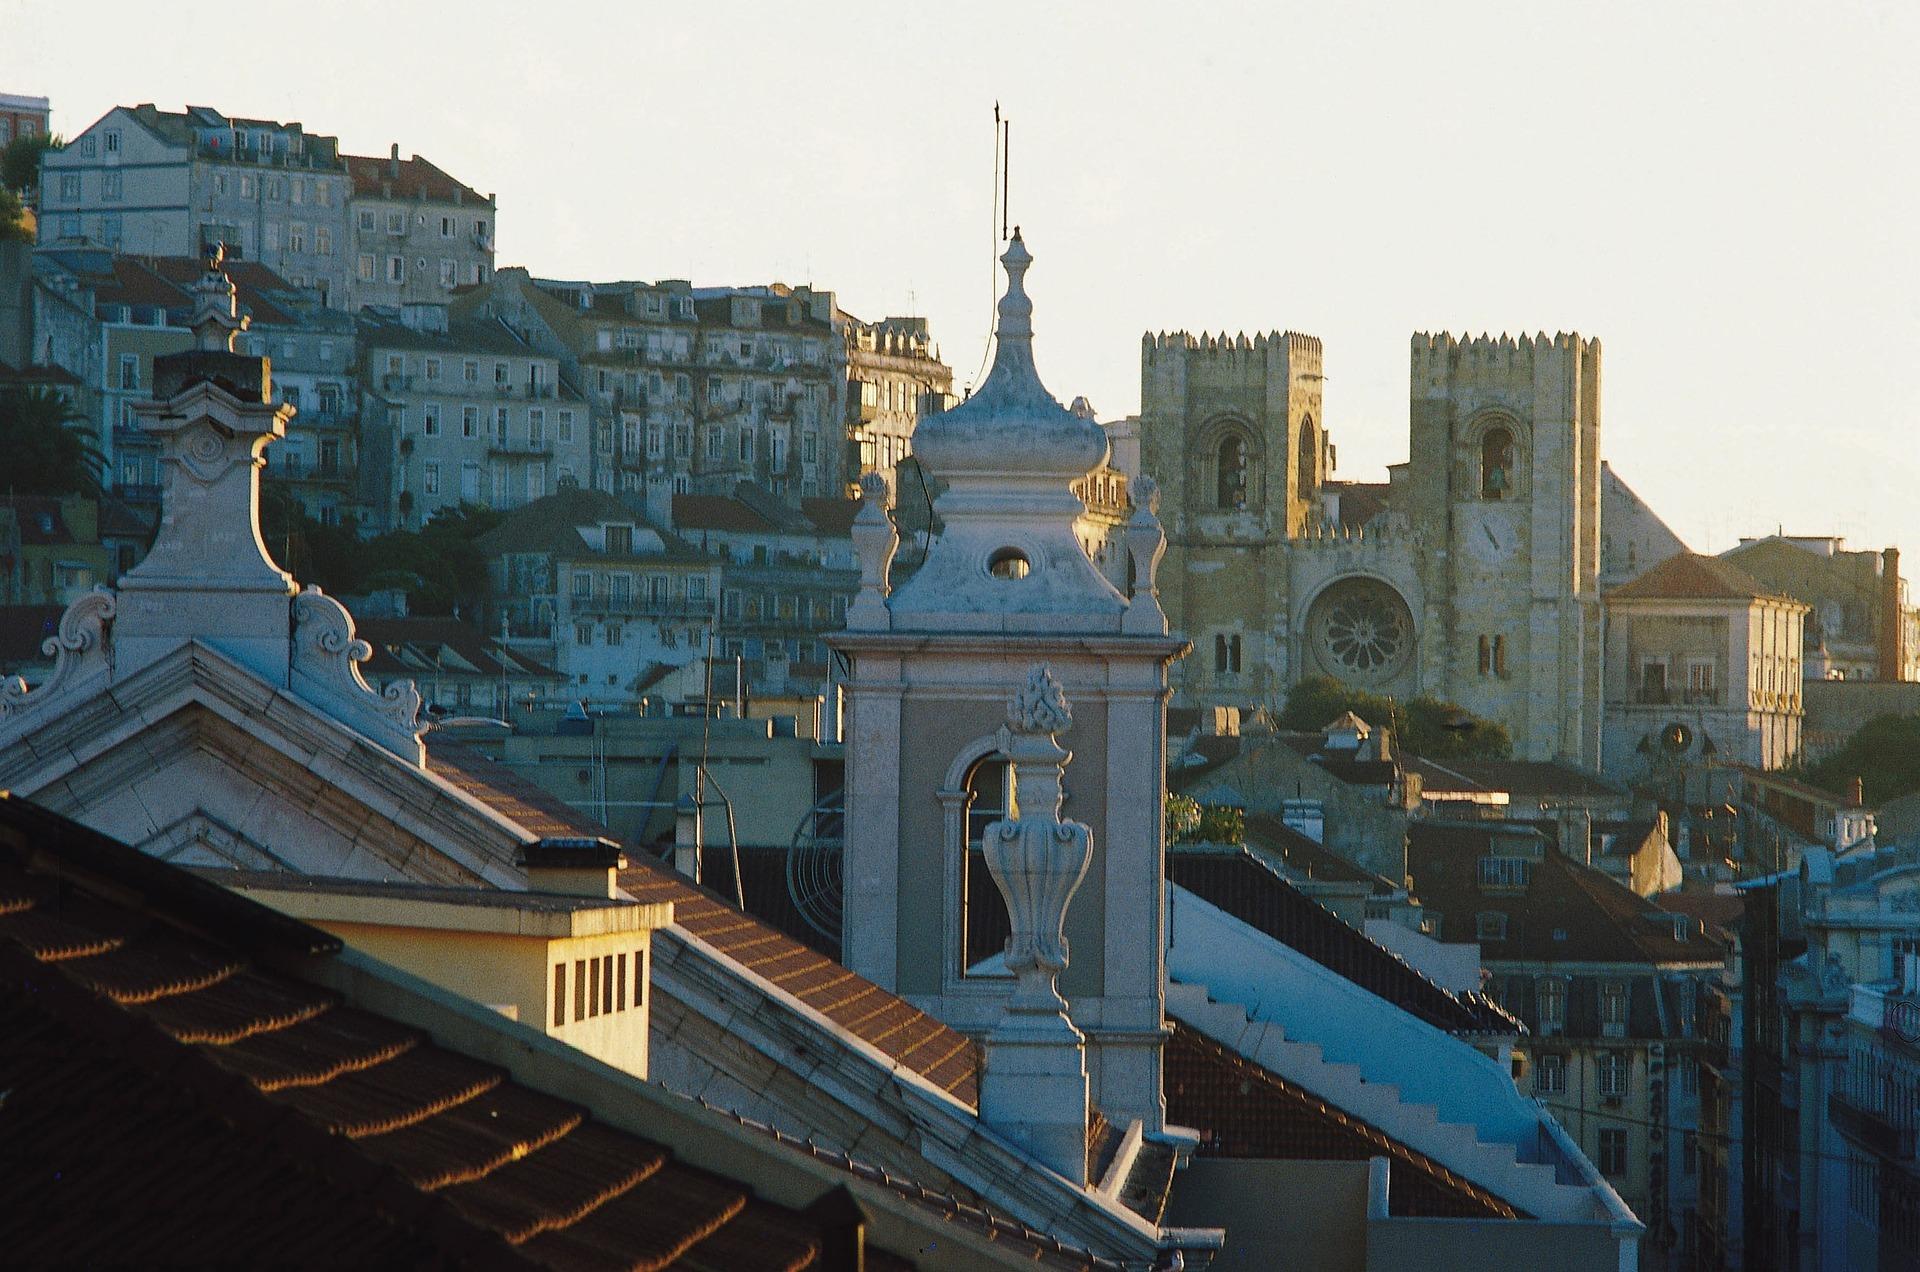 Wunderschöne Gebäude in Lissabon mit Blick auf die Kathedrale